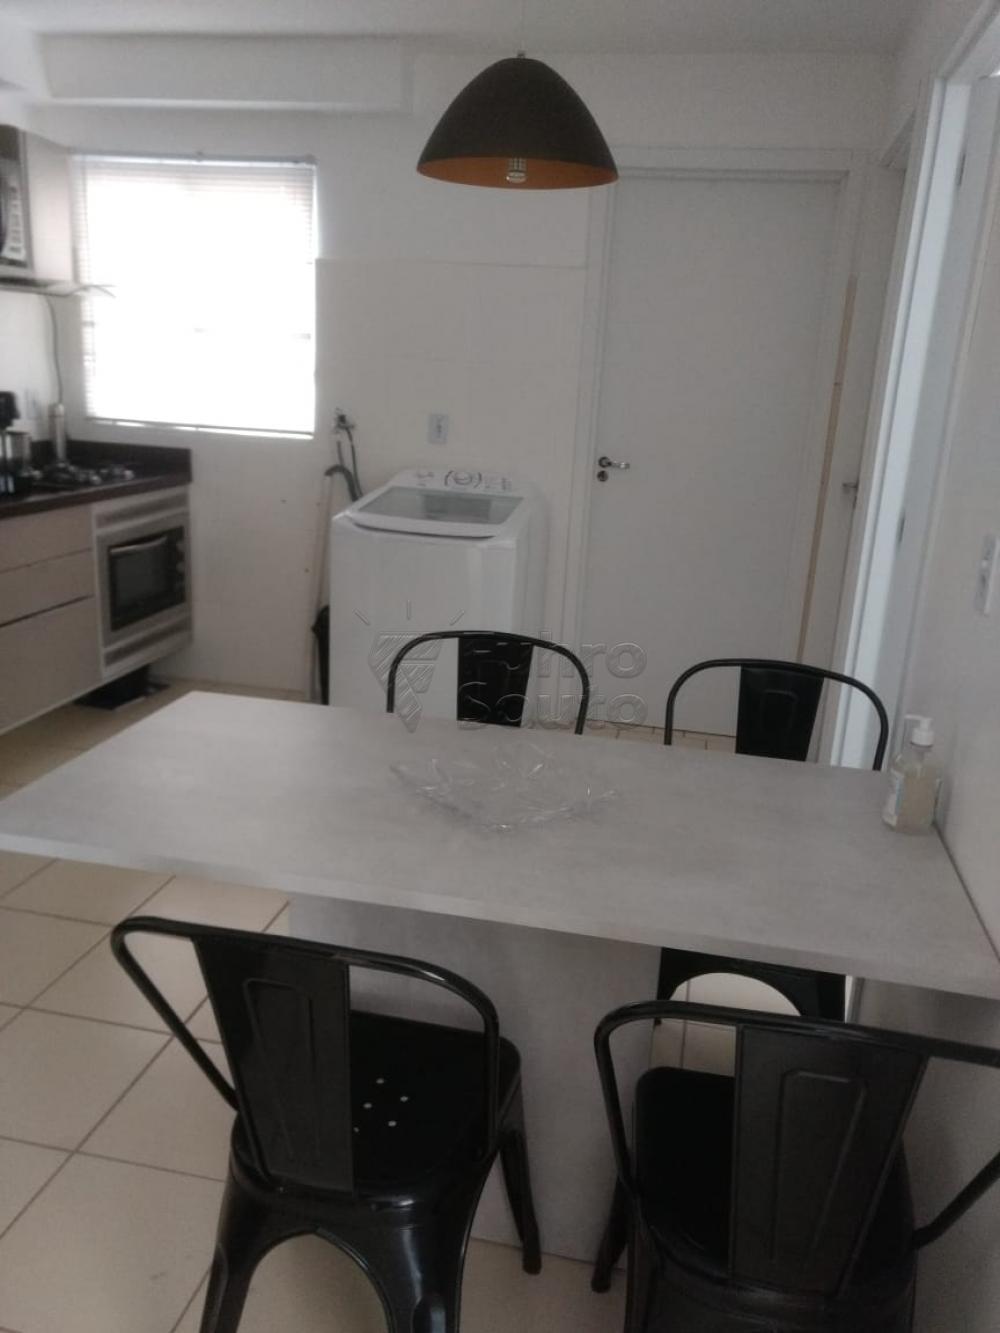 Comprar Apartamento / Padrão em Pelotas R$ 130.000,00 - Foto 6